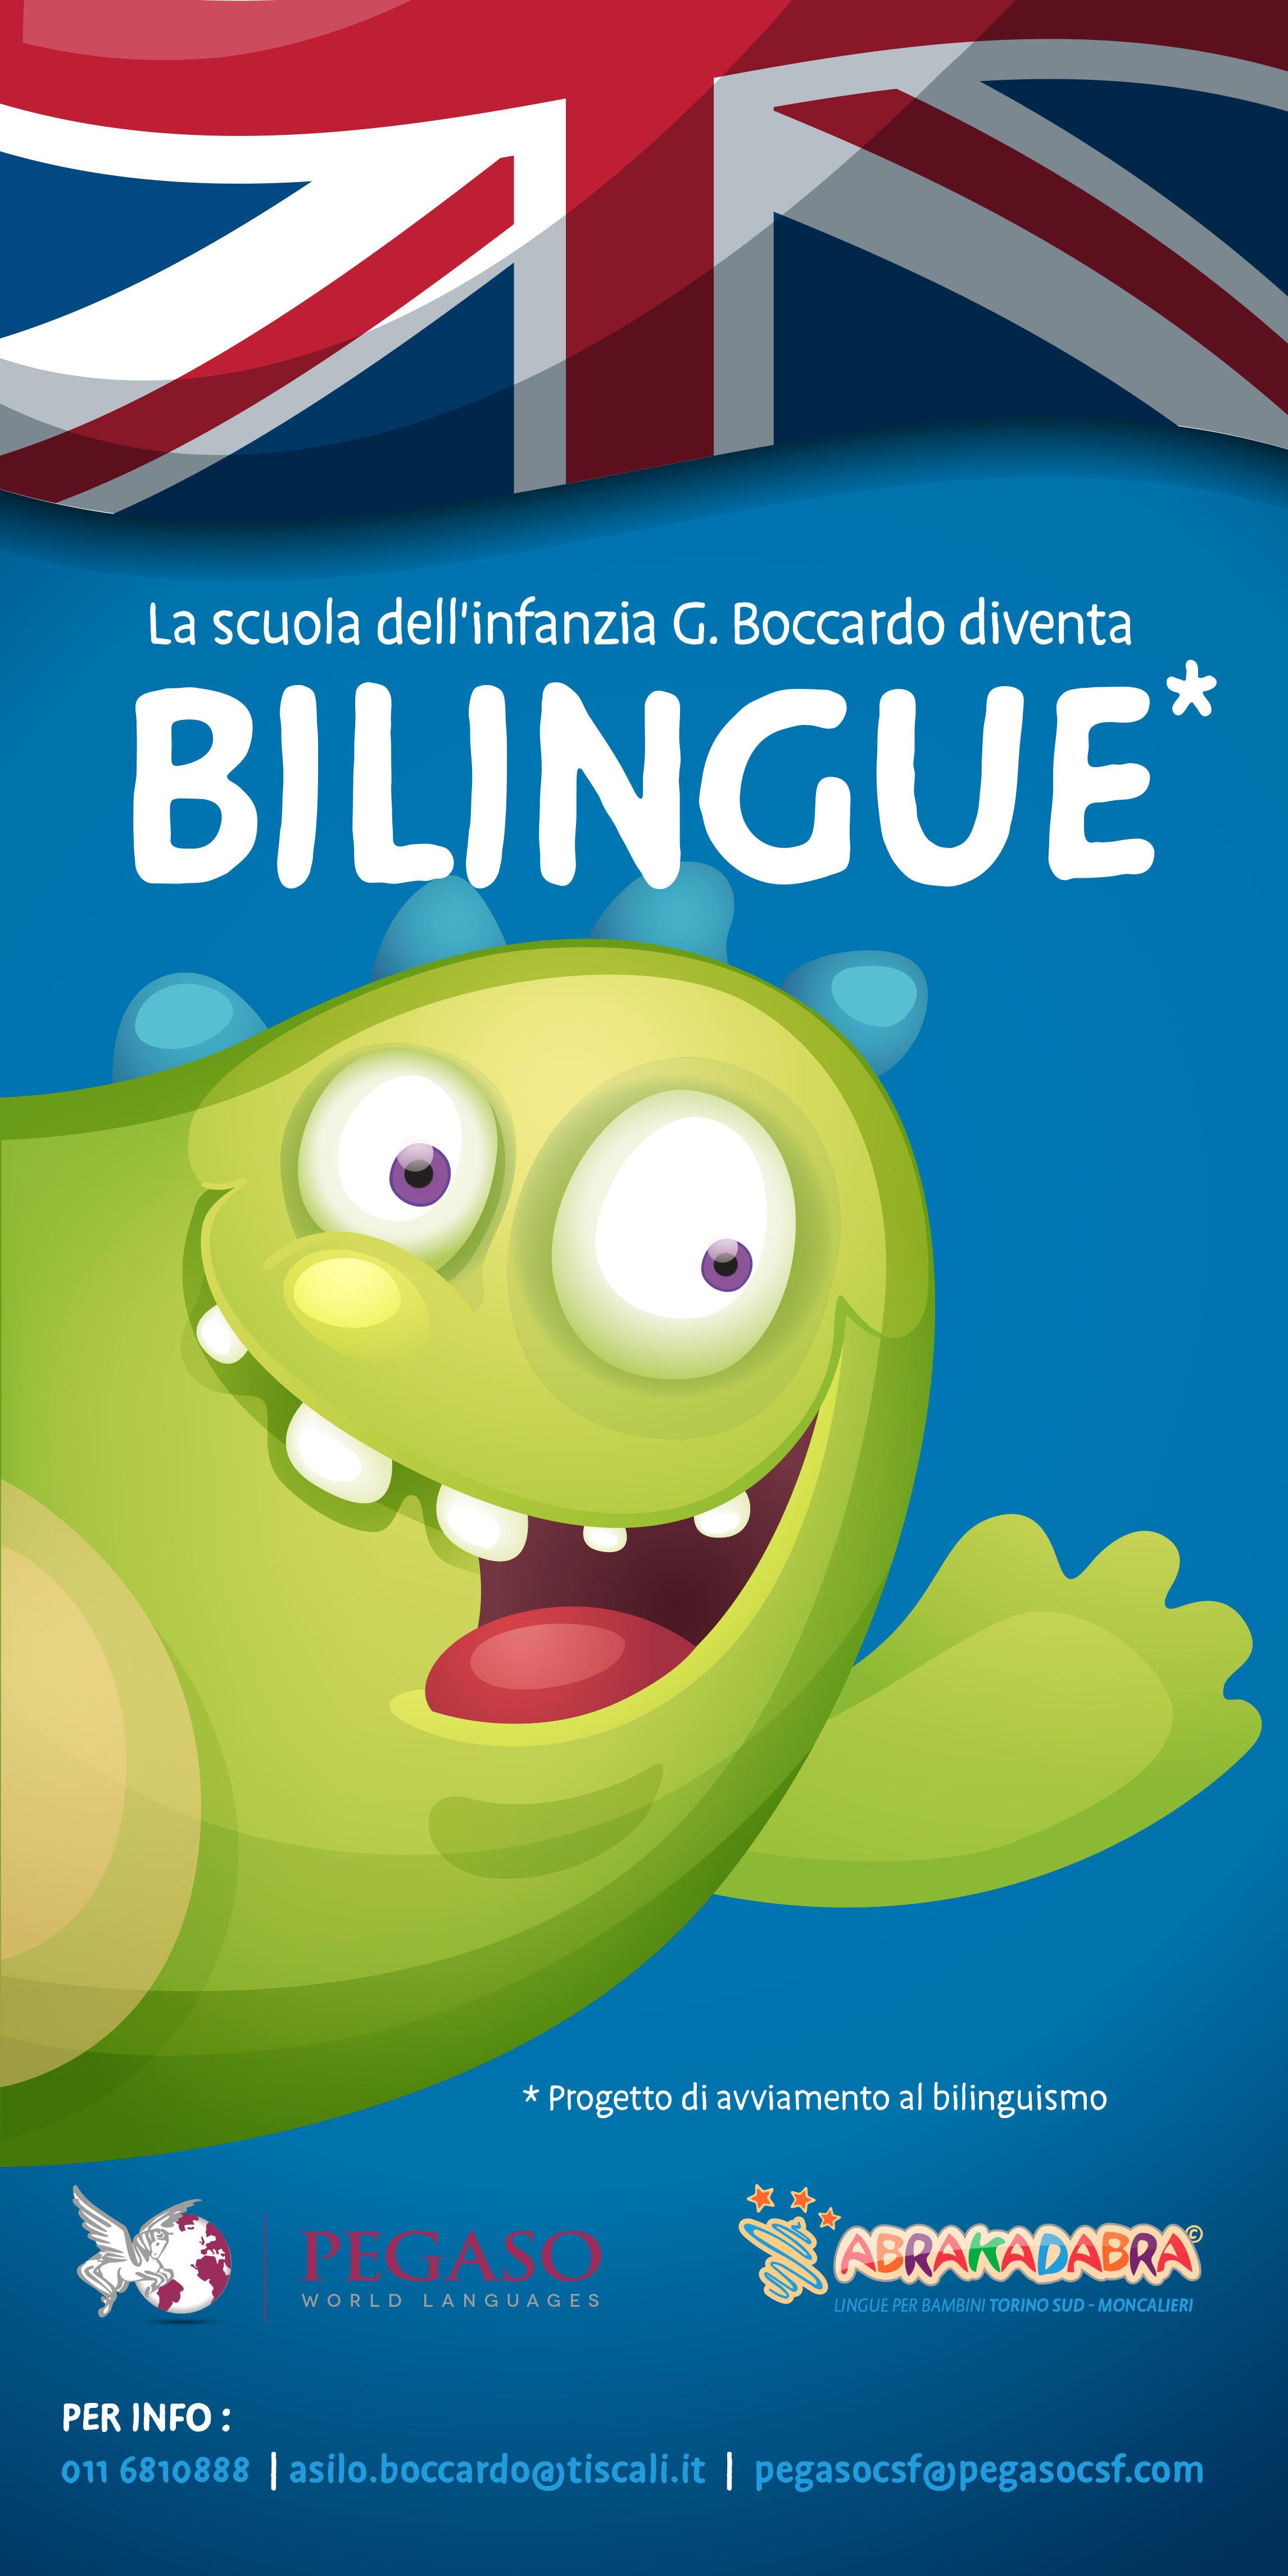 Asilo_bilingue_moncalieri